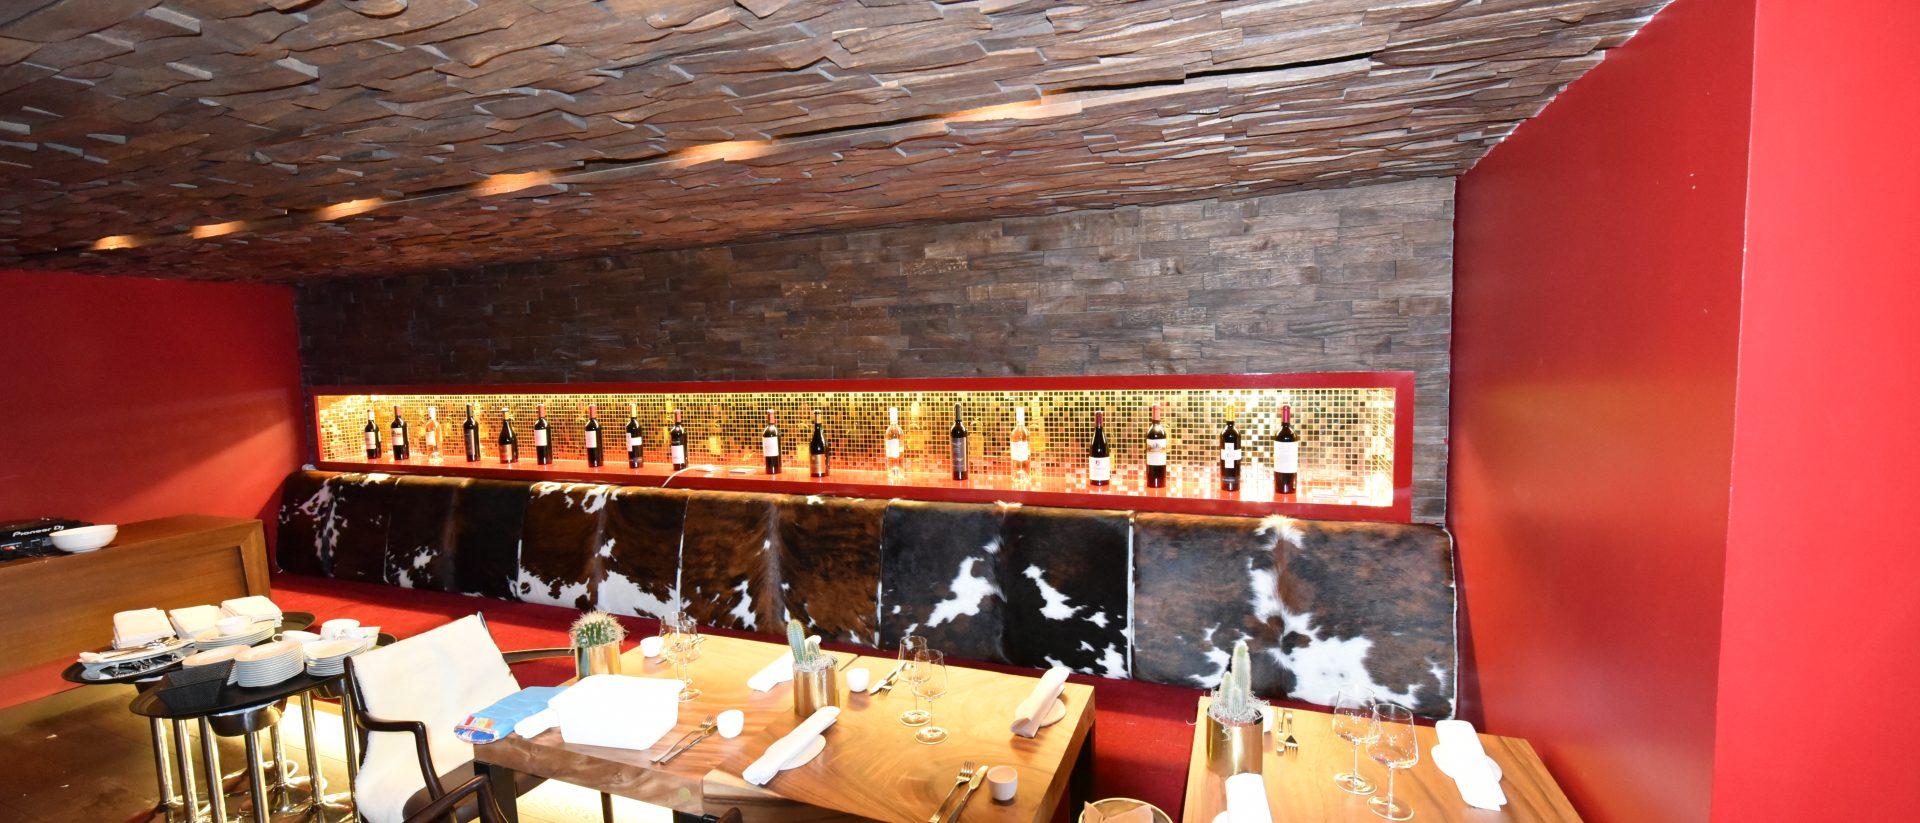 Vue sur les tables et les bouteilles de vin